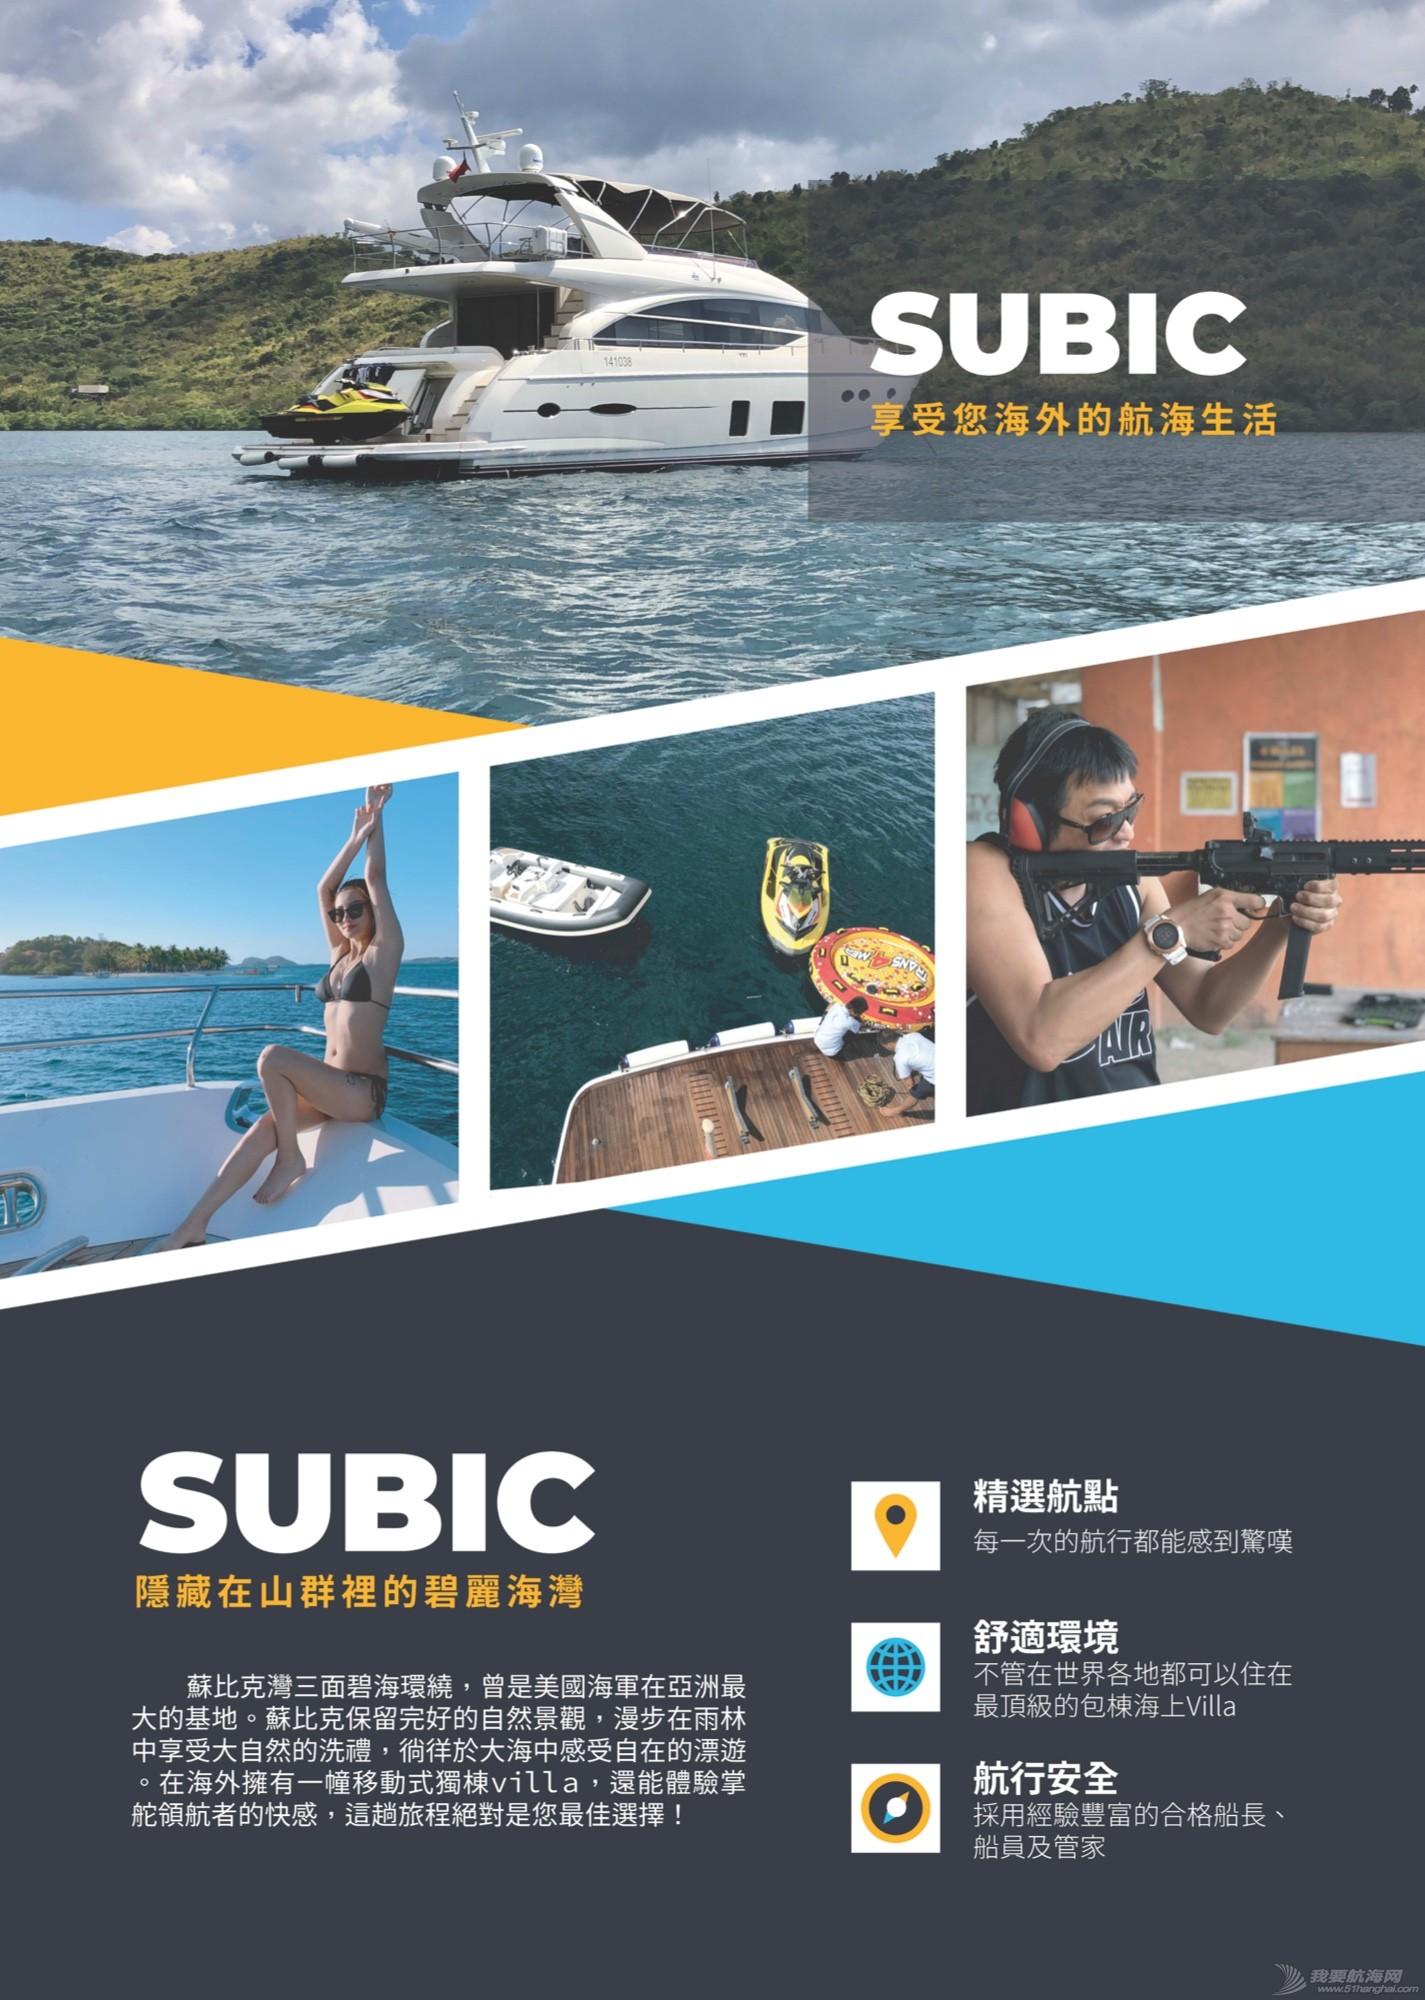 【菲律宾苏比克湾|精致游艇旅游|专人接待|游艇租赁】